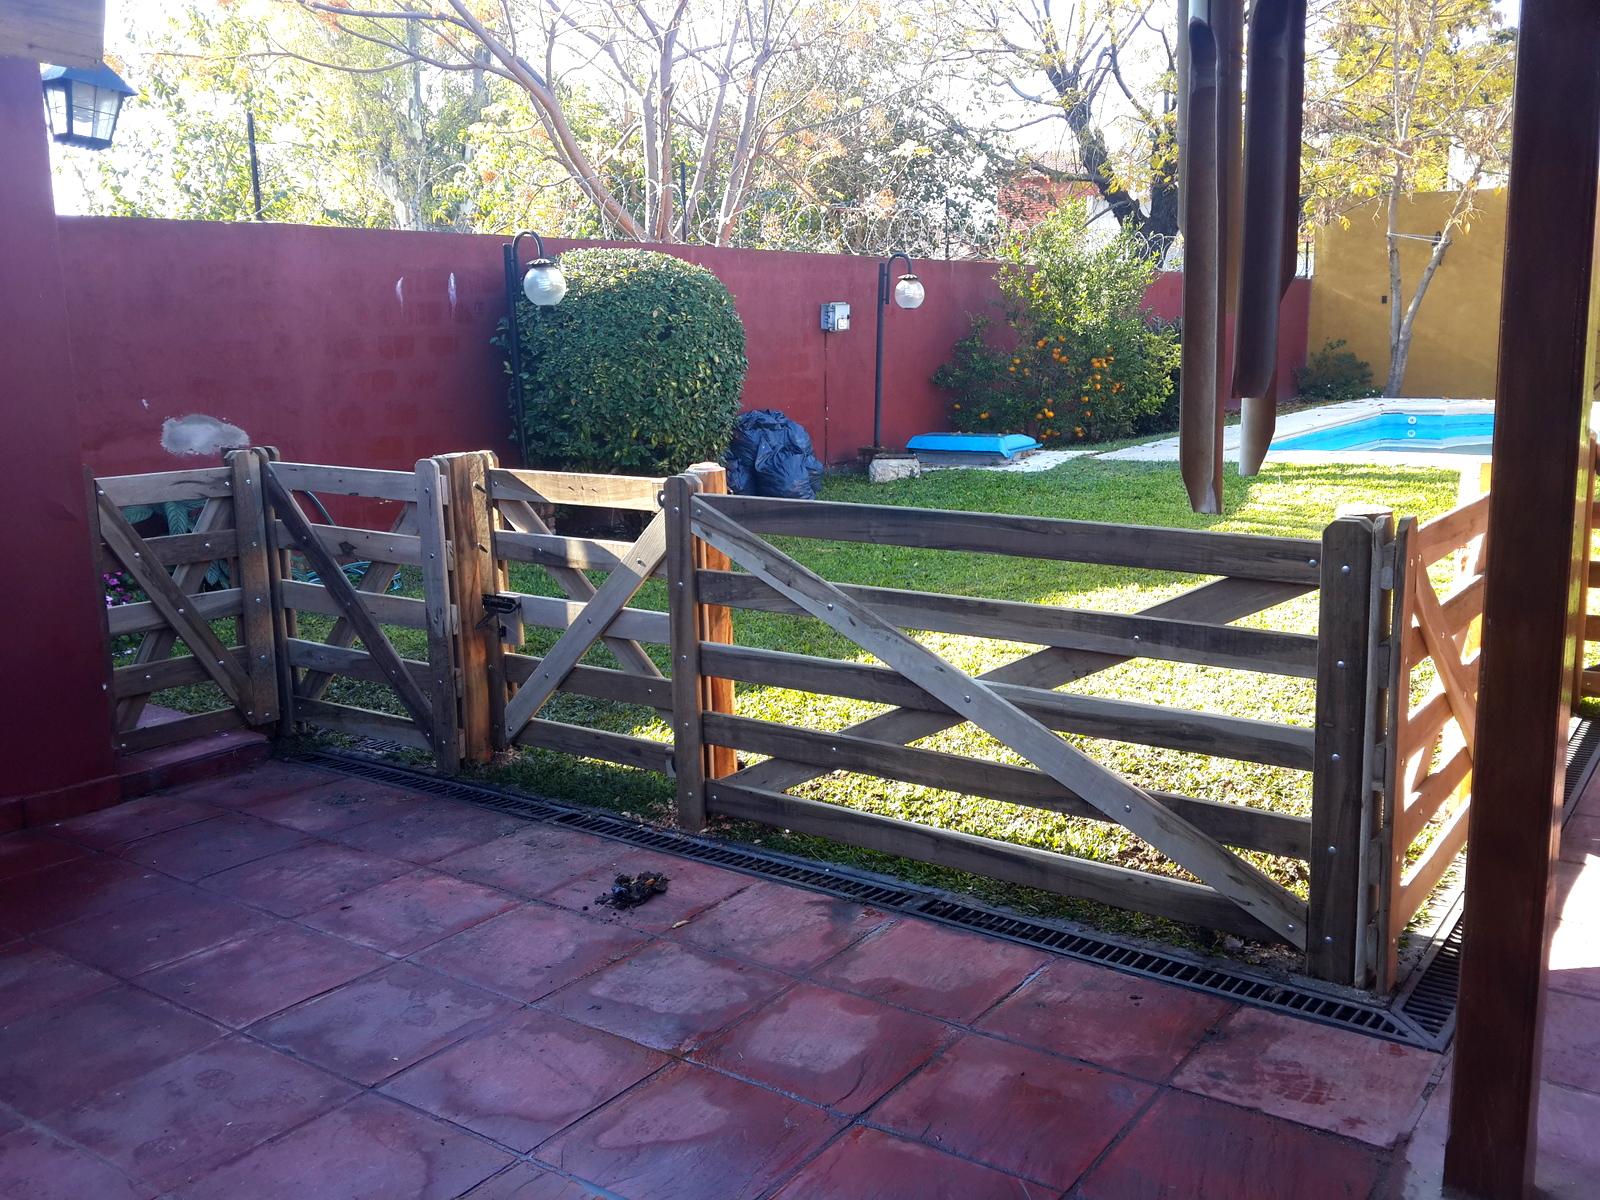 Articulos rurales baires forestal cercos jardin - Puertas de madera para jardin ...